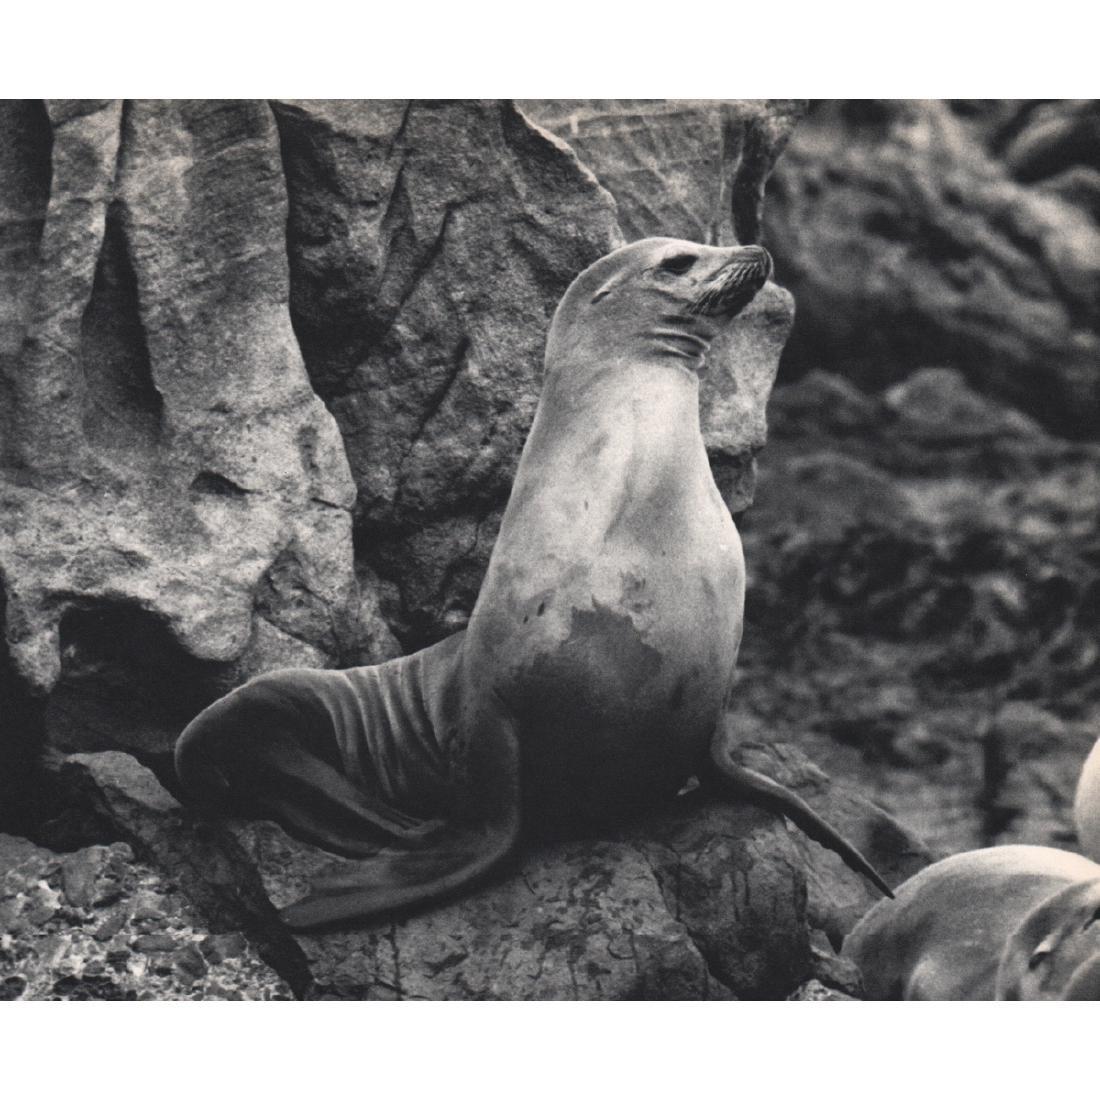 KARL W. KENYON - California Sea Lions